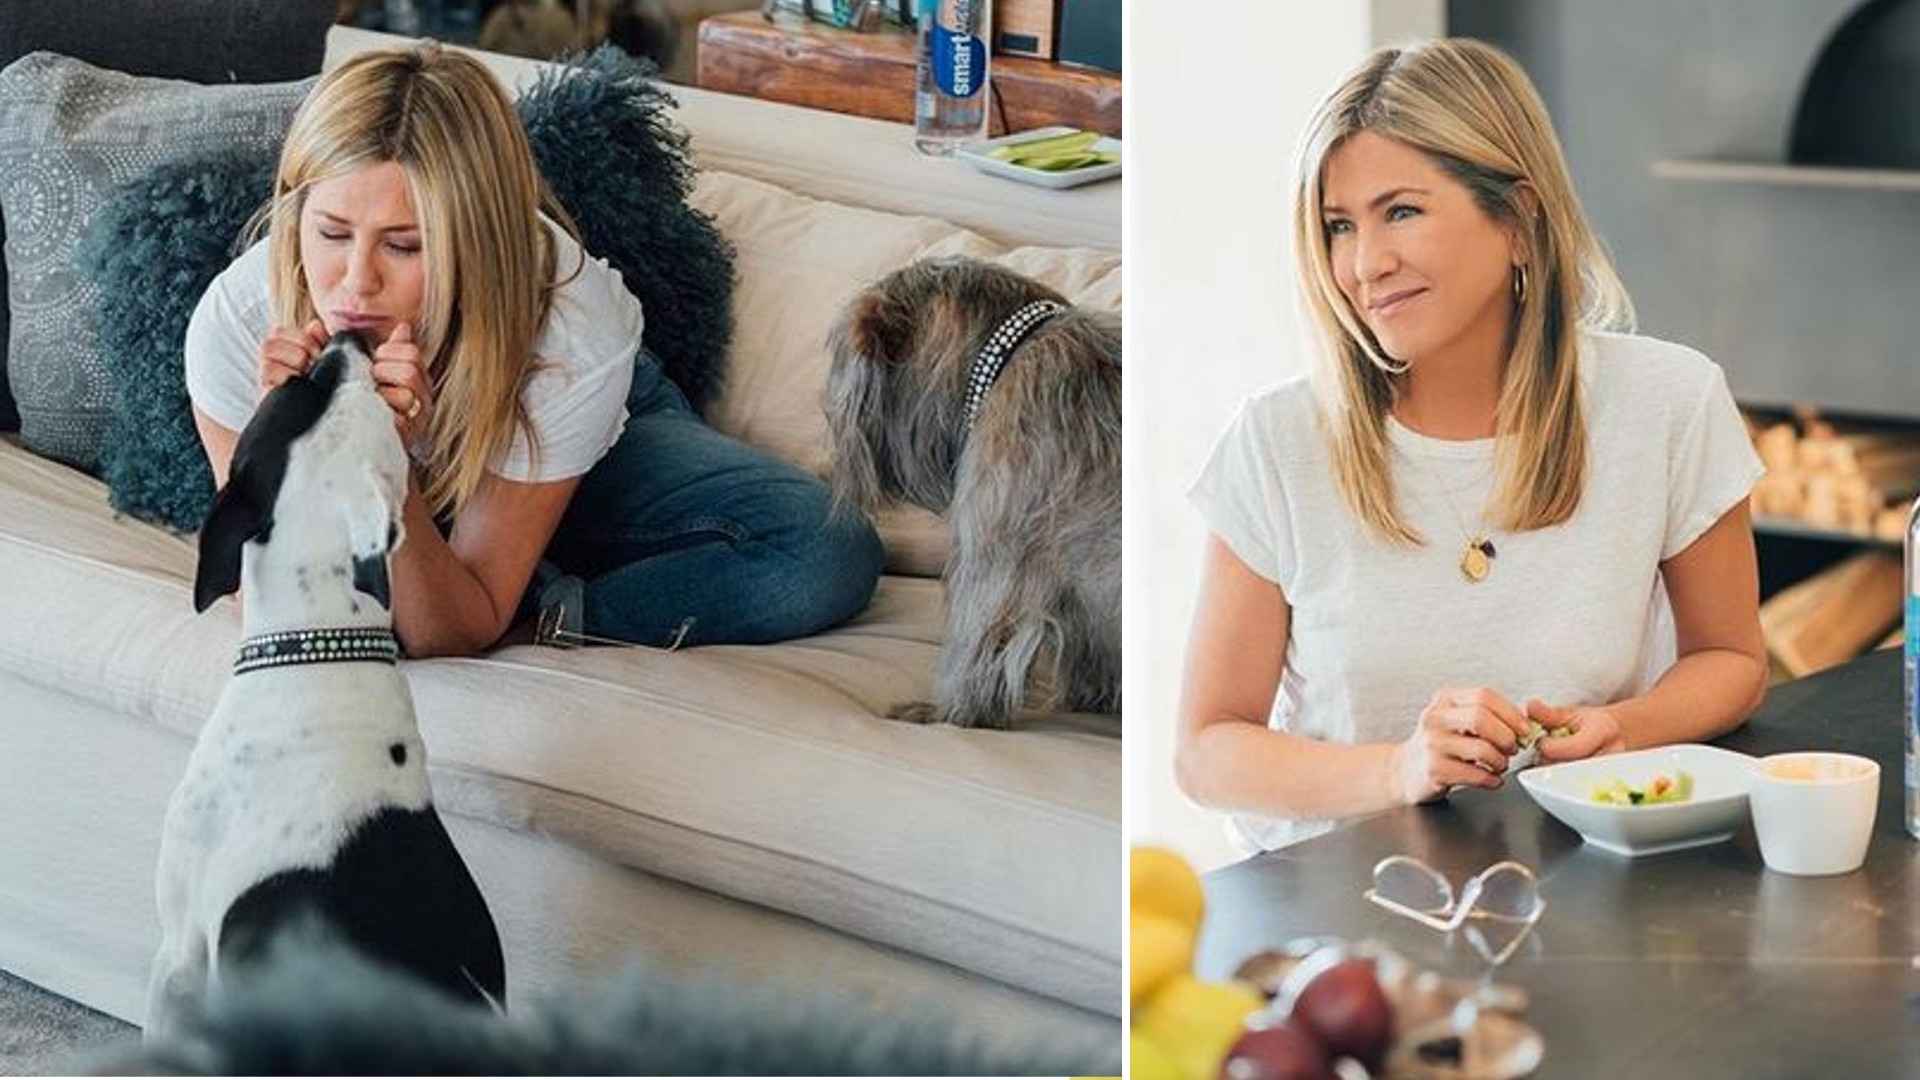 Jennifer Aniston założyła profil na Instagramie i dostała 8 MILIONÓW LAJKÓW za TO zdjęcie